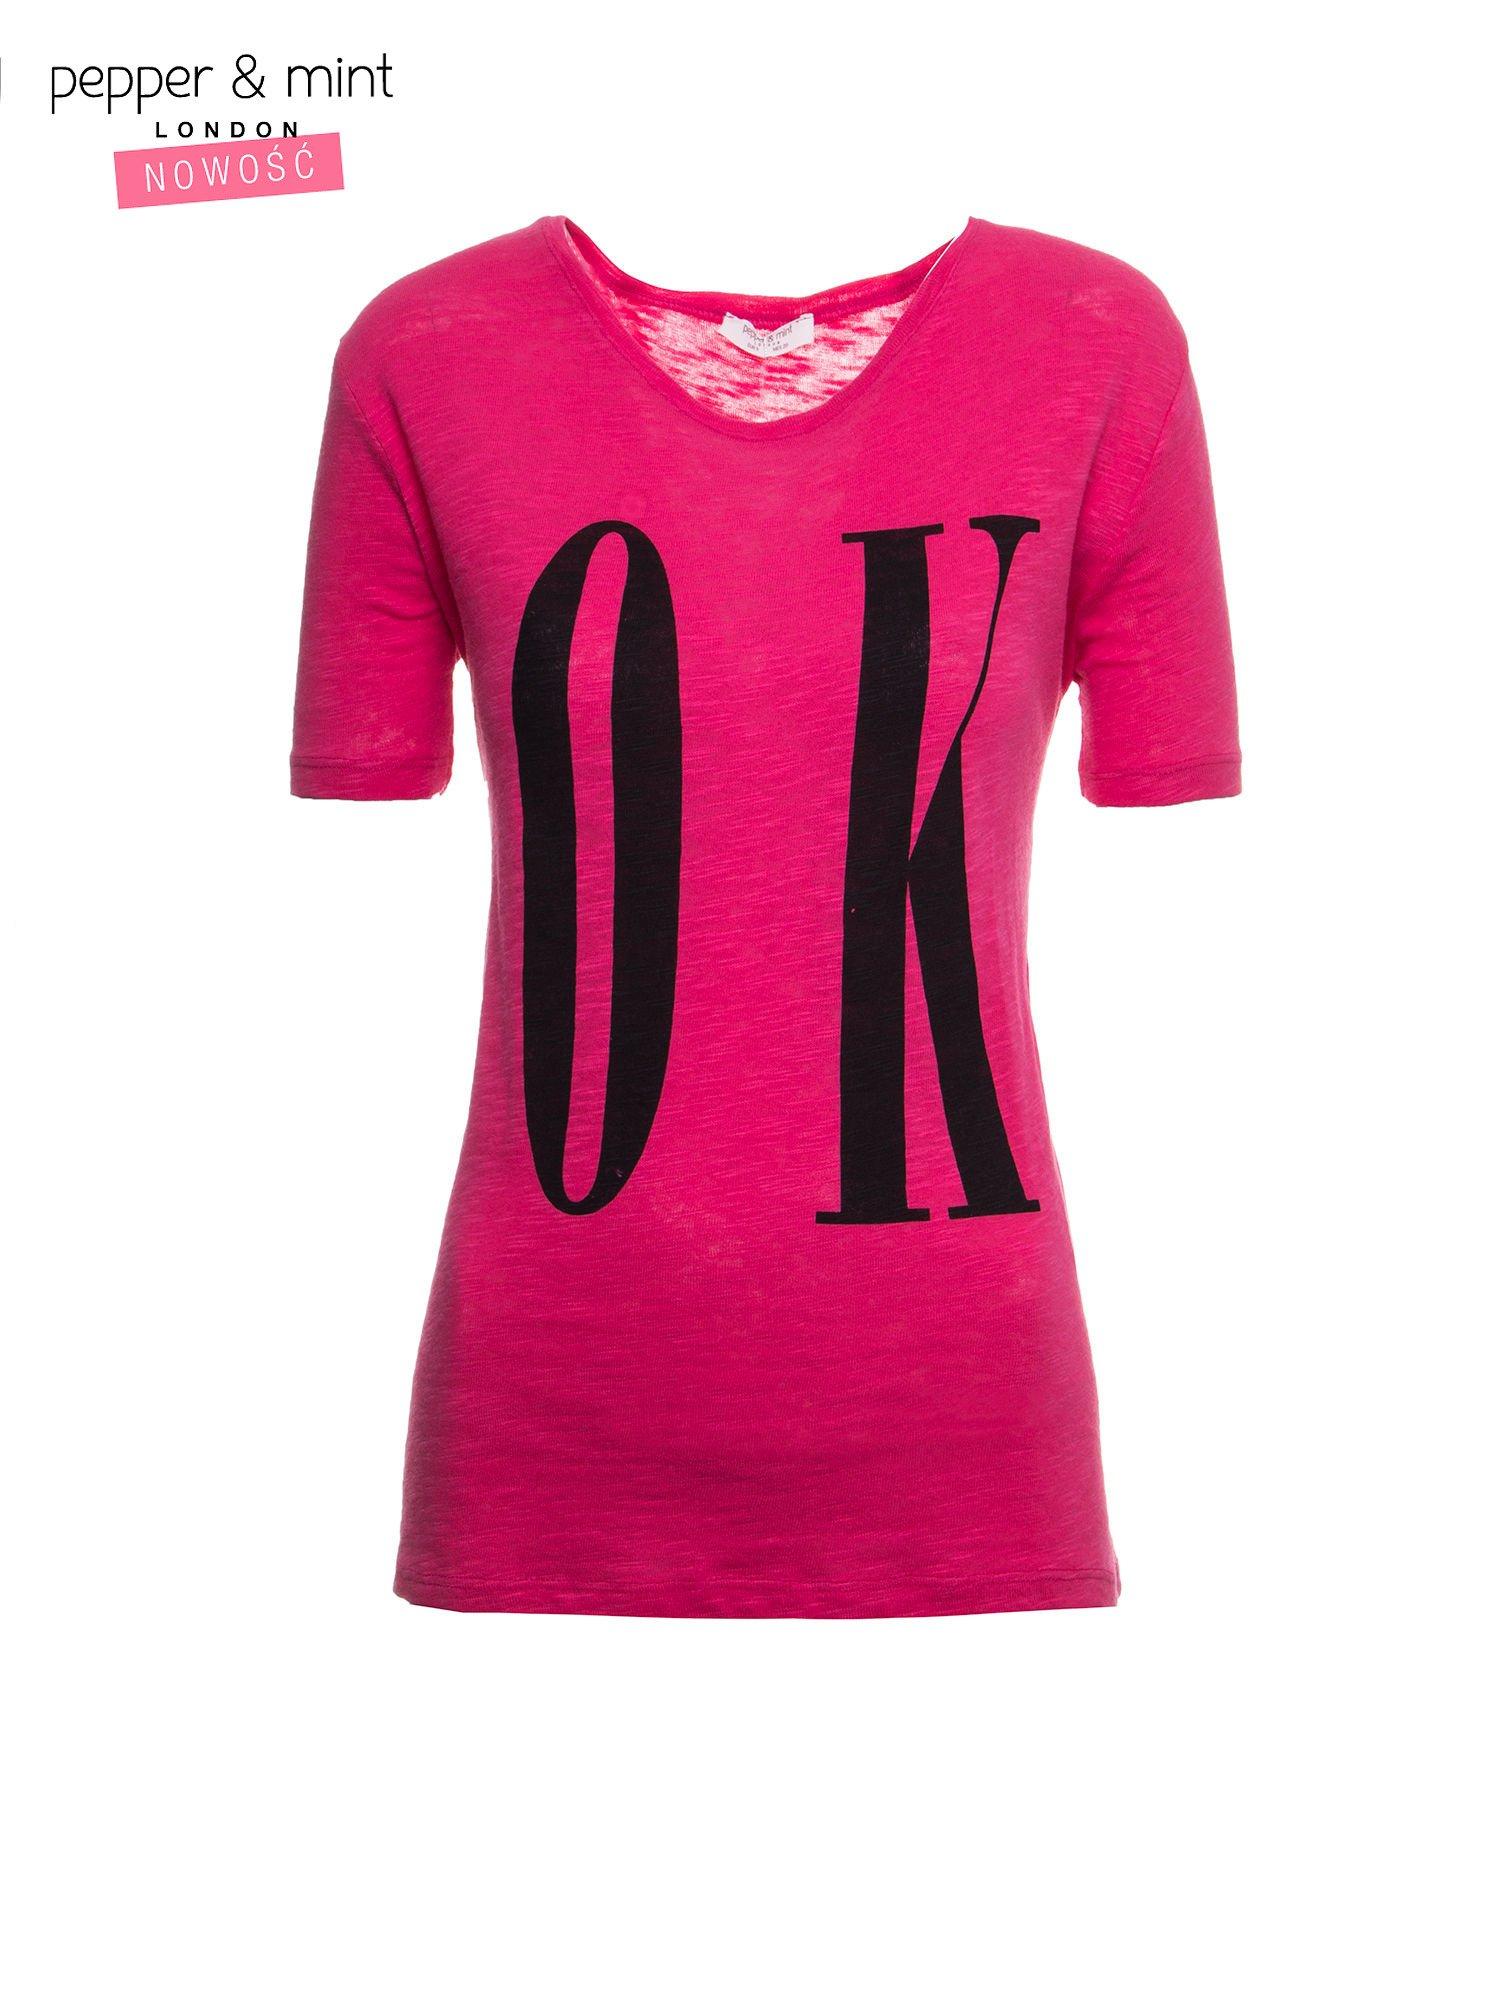 Fuksjowy t-shirt z napisem OK                                  zdj.                                  2